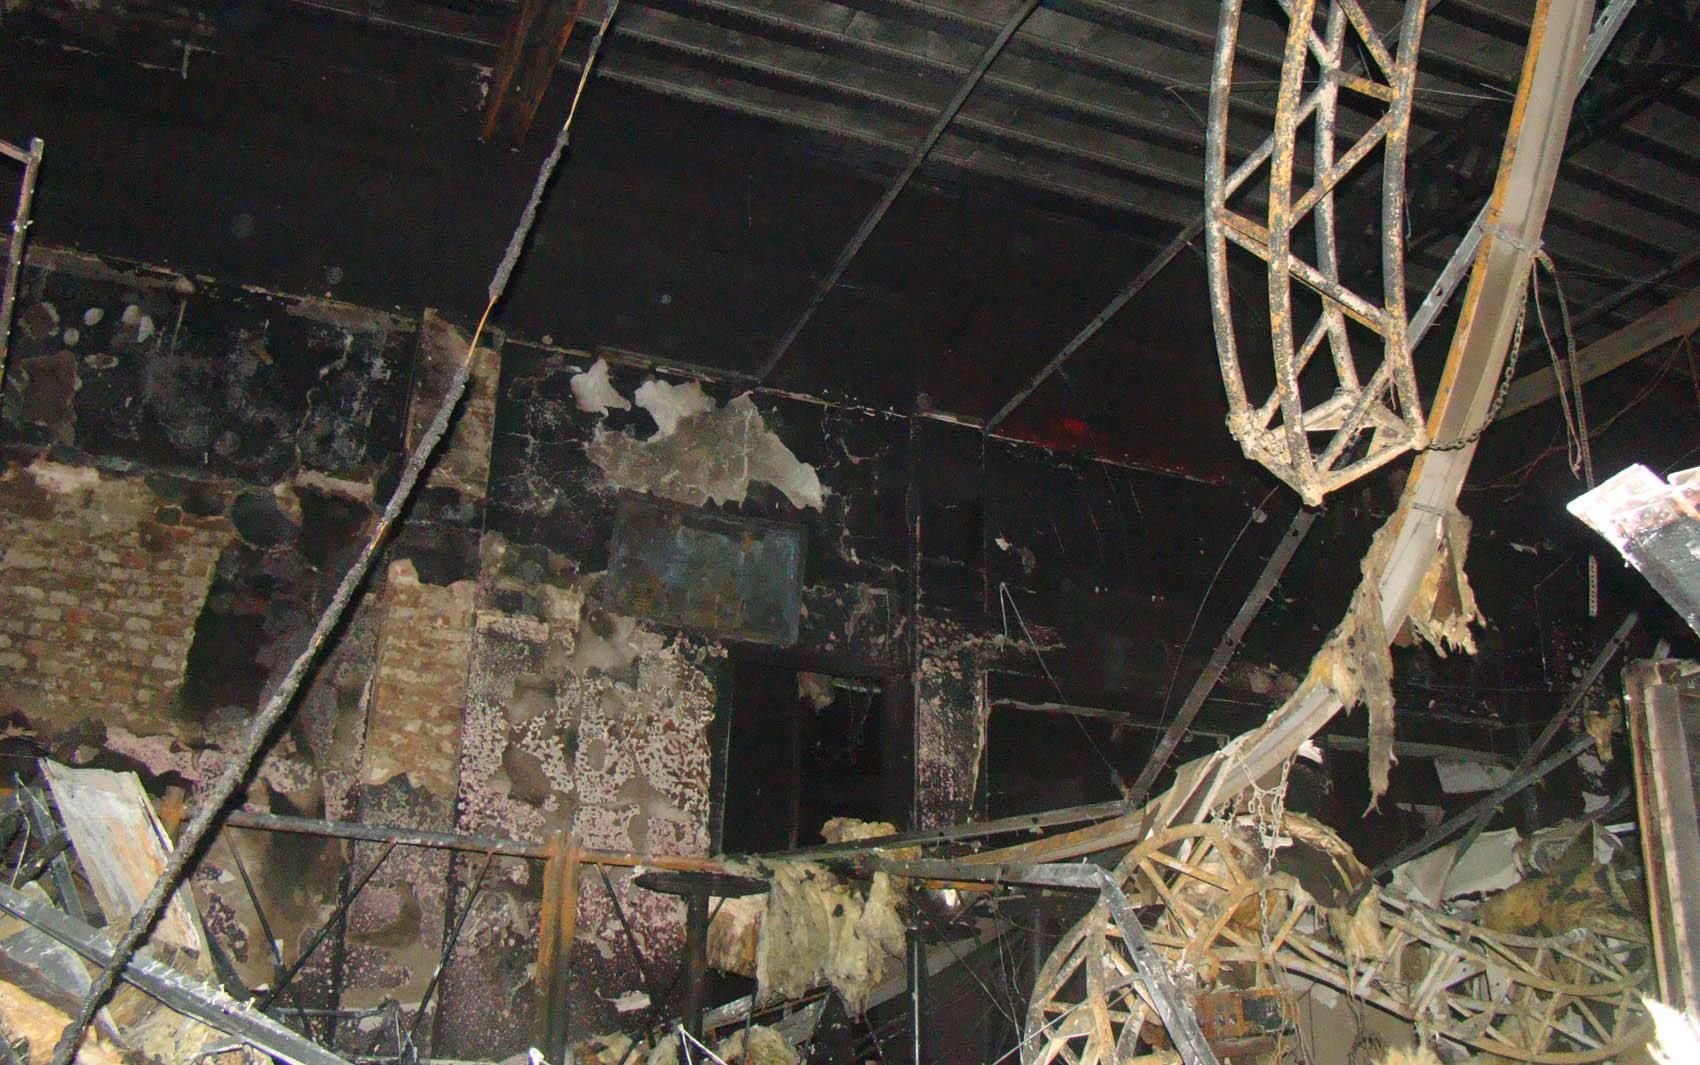 Teto incendiado durante festa na madrugada de domingo (27) em Santa Maria